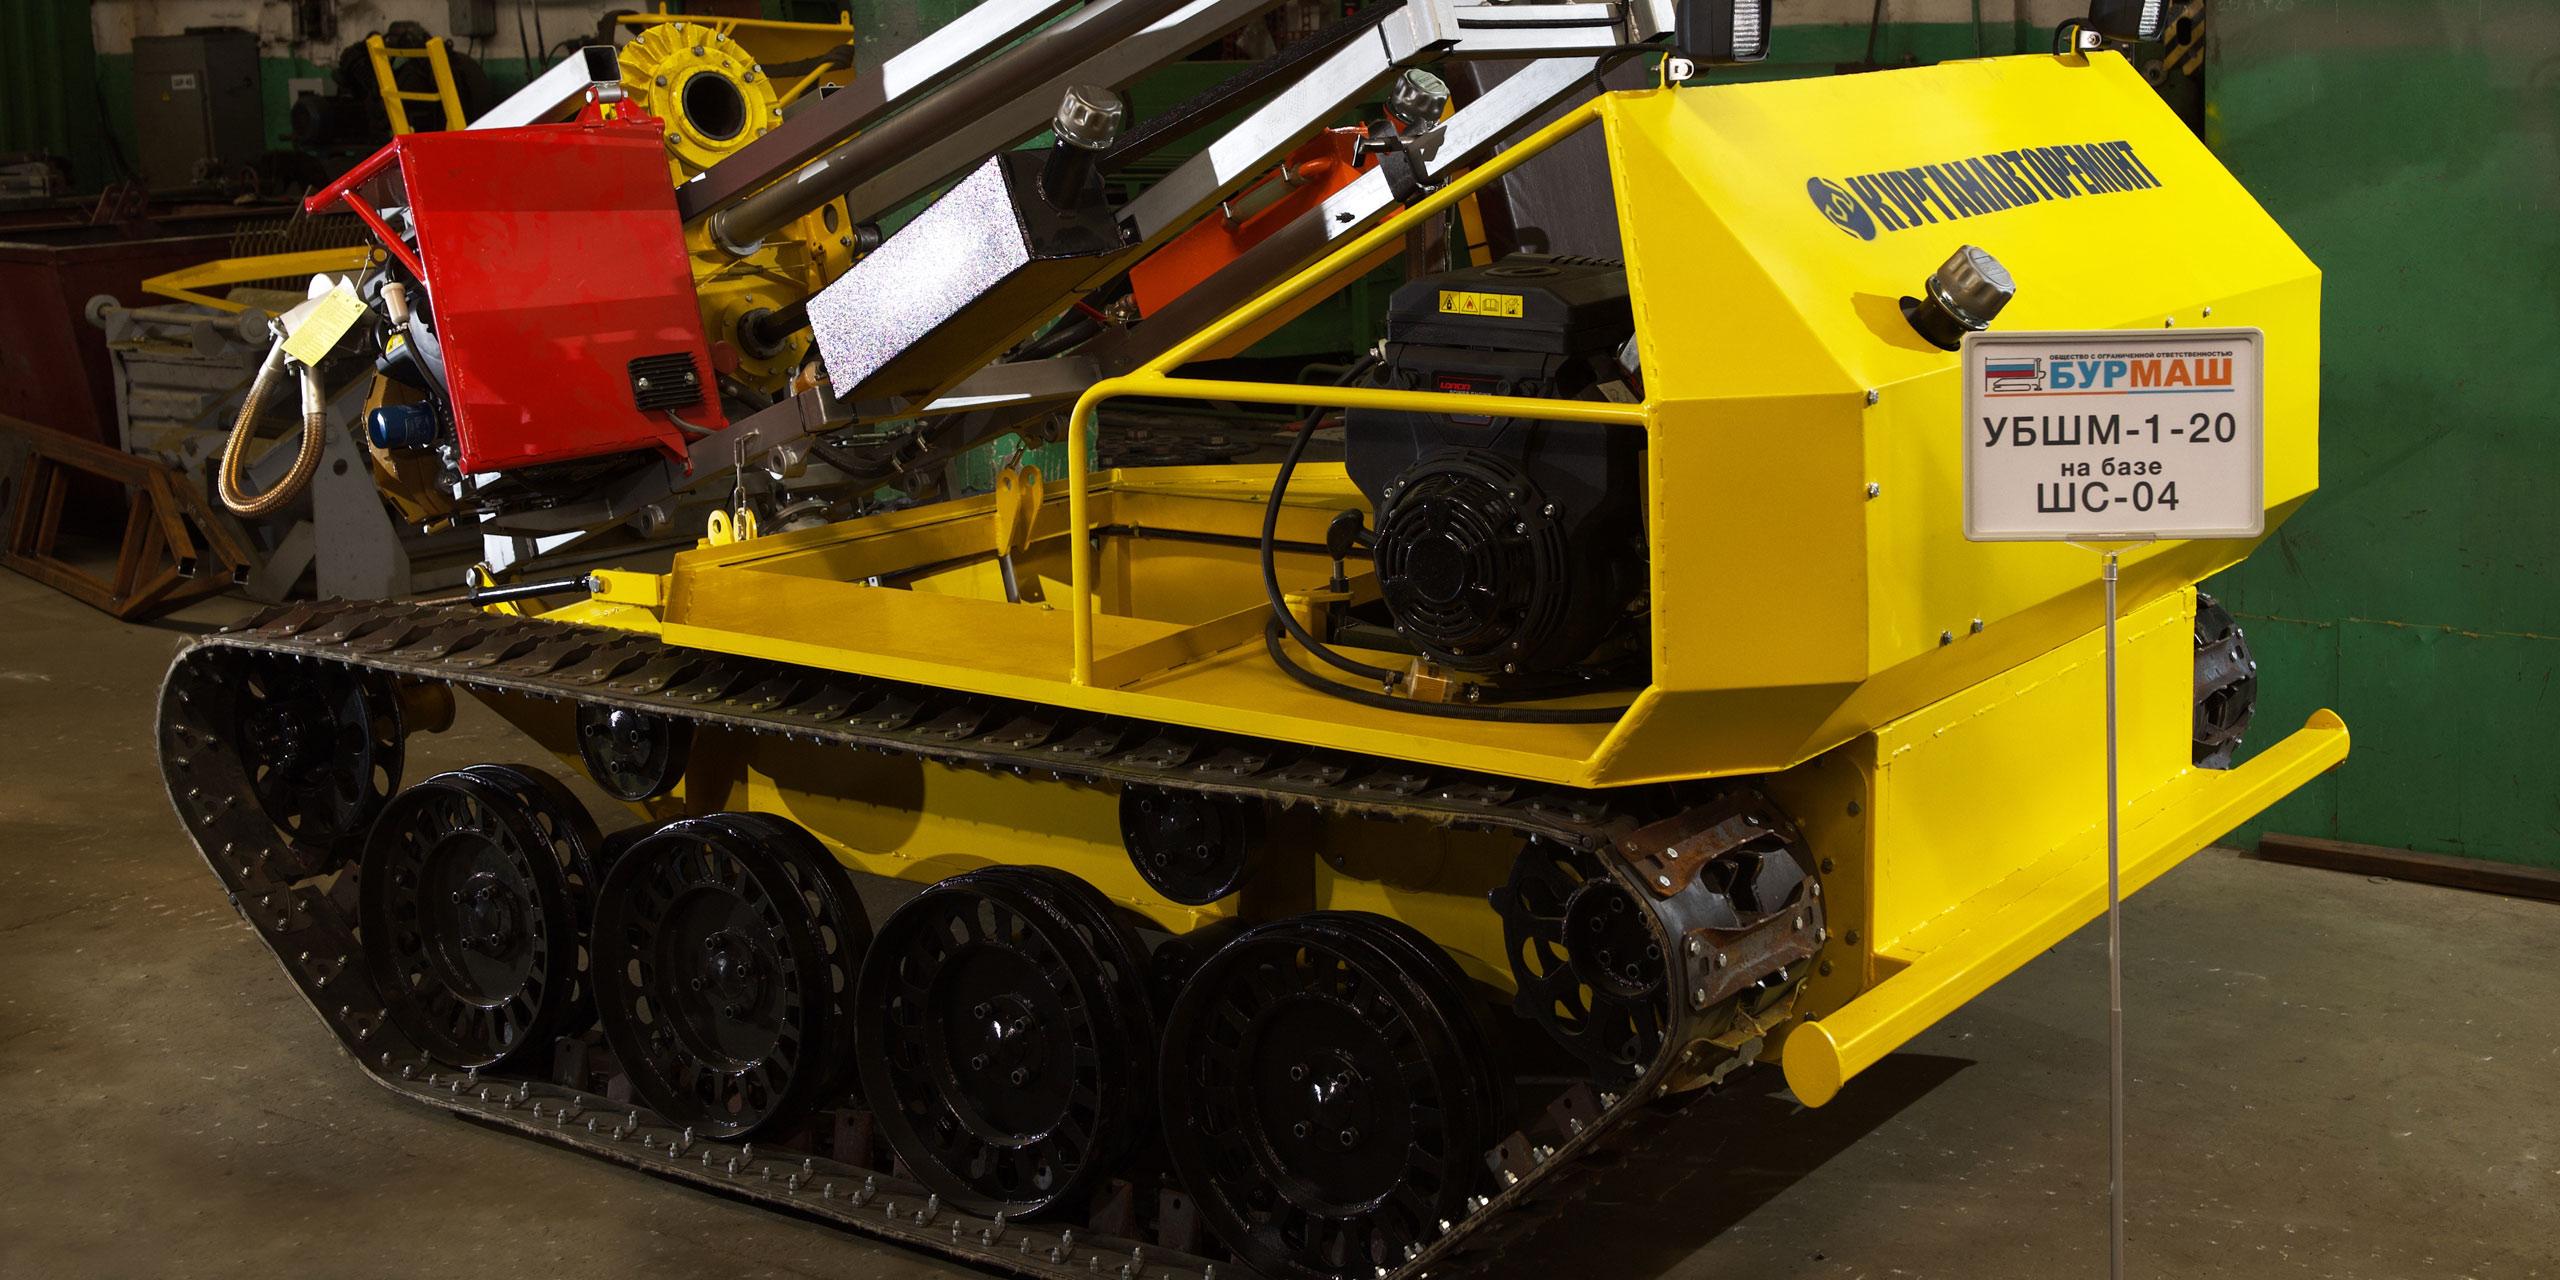 Установка буровая малогабаритная УБШМ-1-20 на базе самоходного шасси ШС-04